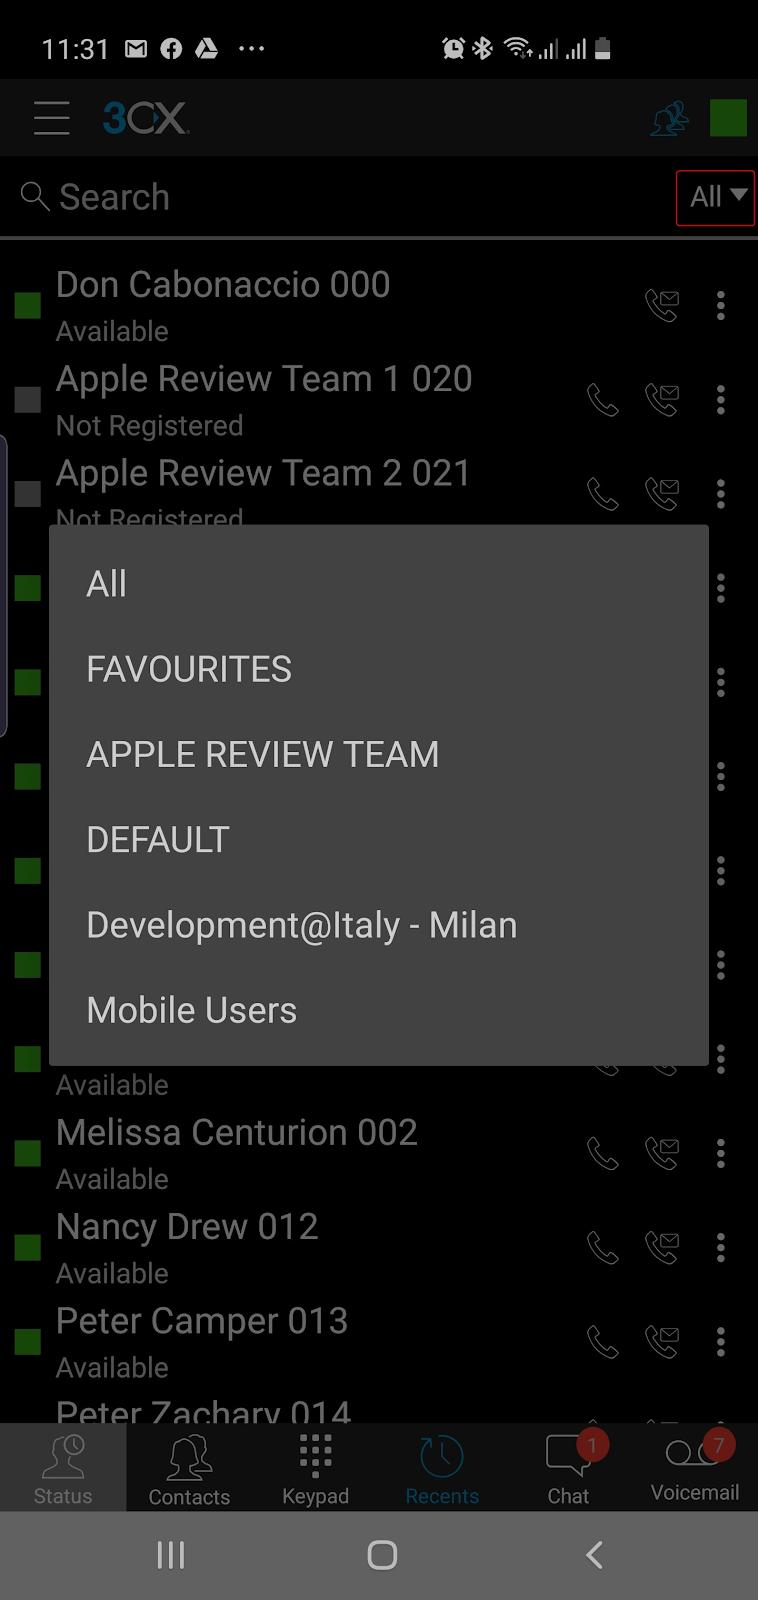 Dropdown-Fenster für Gruppen in der 3CX-App für Android